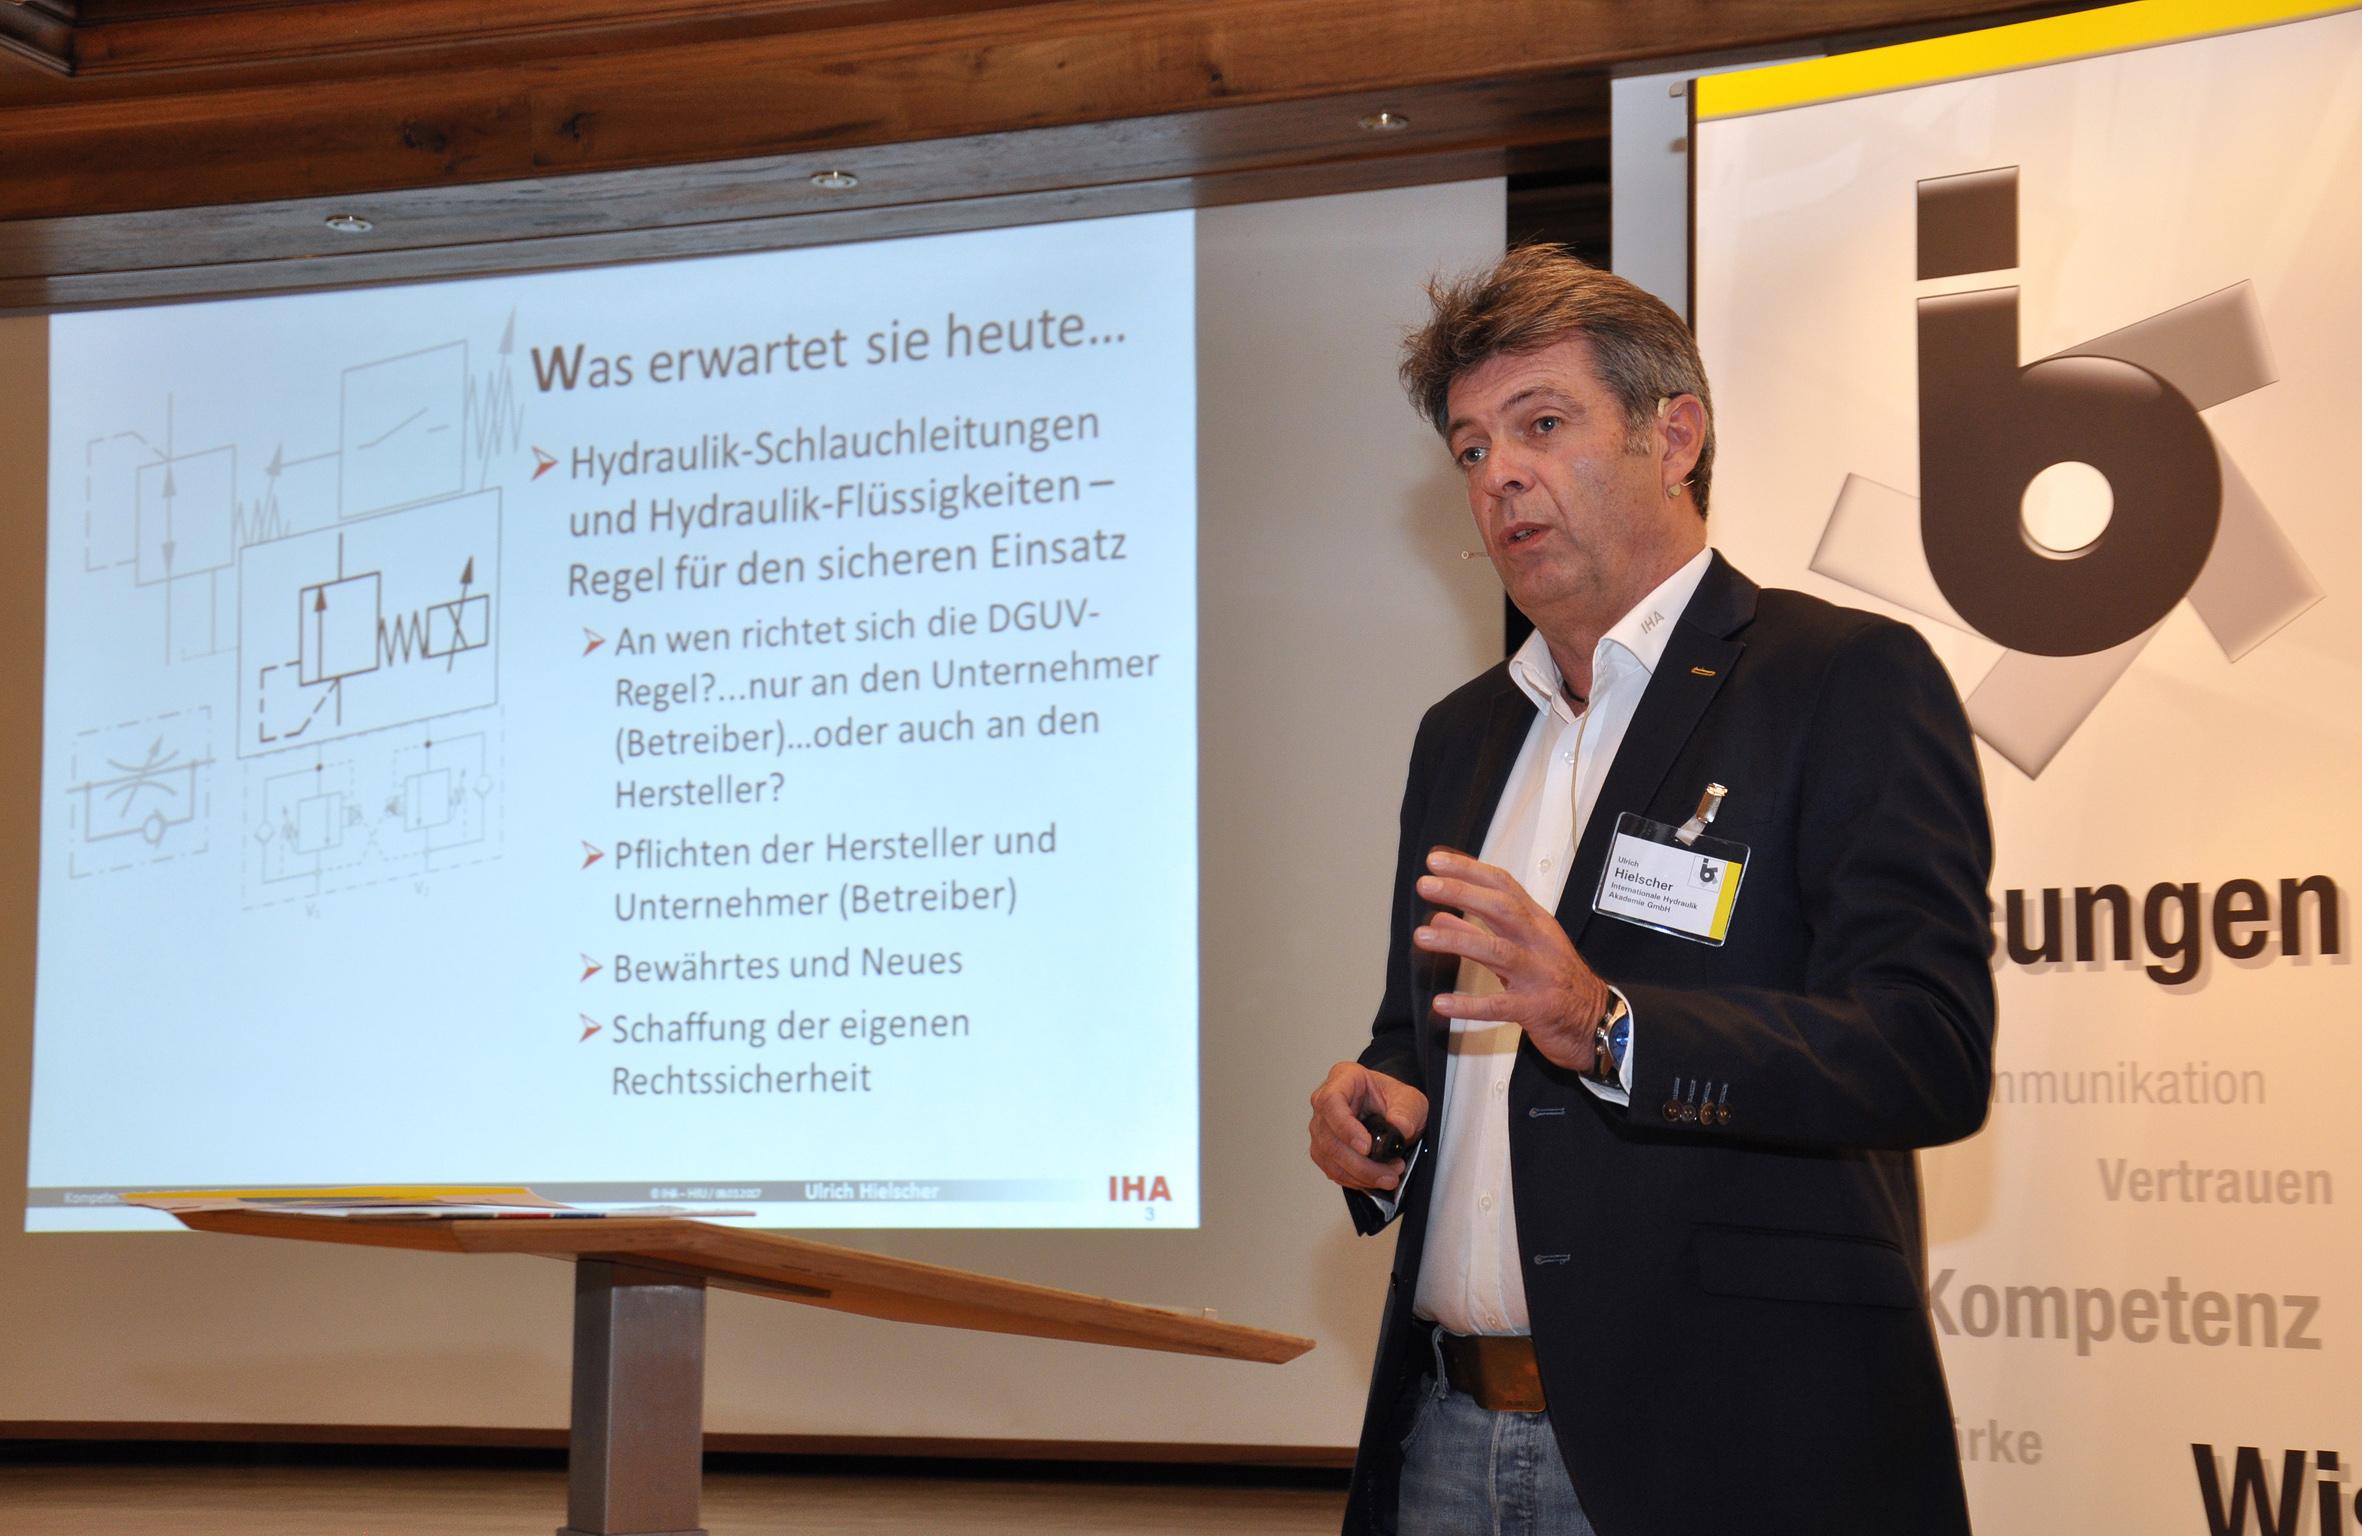 Ulrich Hielscher, Internationale Hydraulik-Akademie GmbH: Ein professioneller Umgang mit Hydraulikschlauchleitungen ist essentieller Bestandteil der Risikominimierung im Unternehmen. © bbi